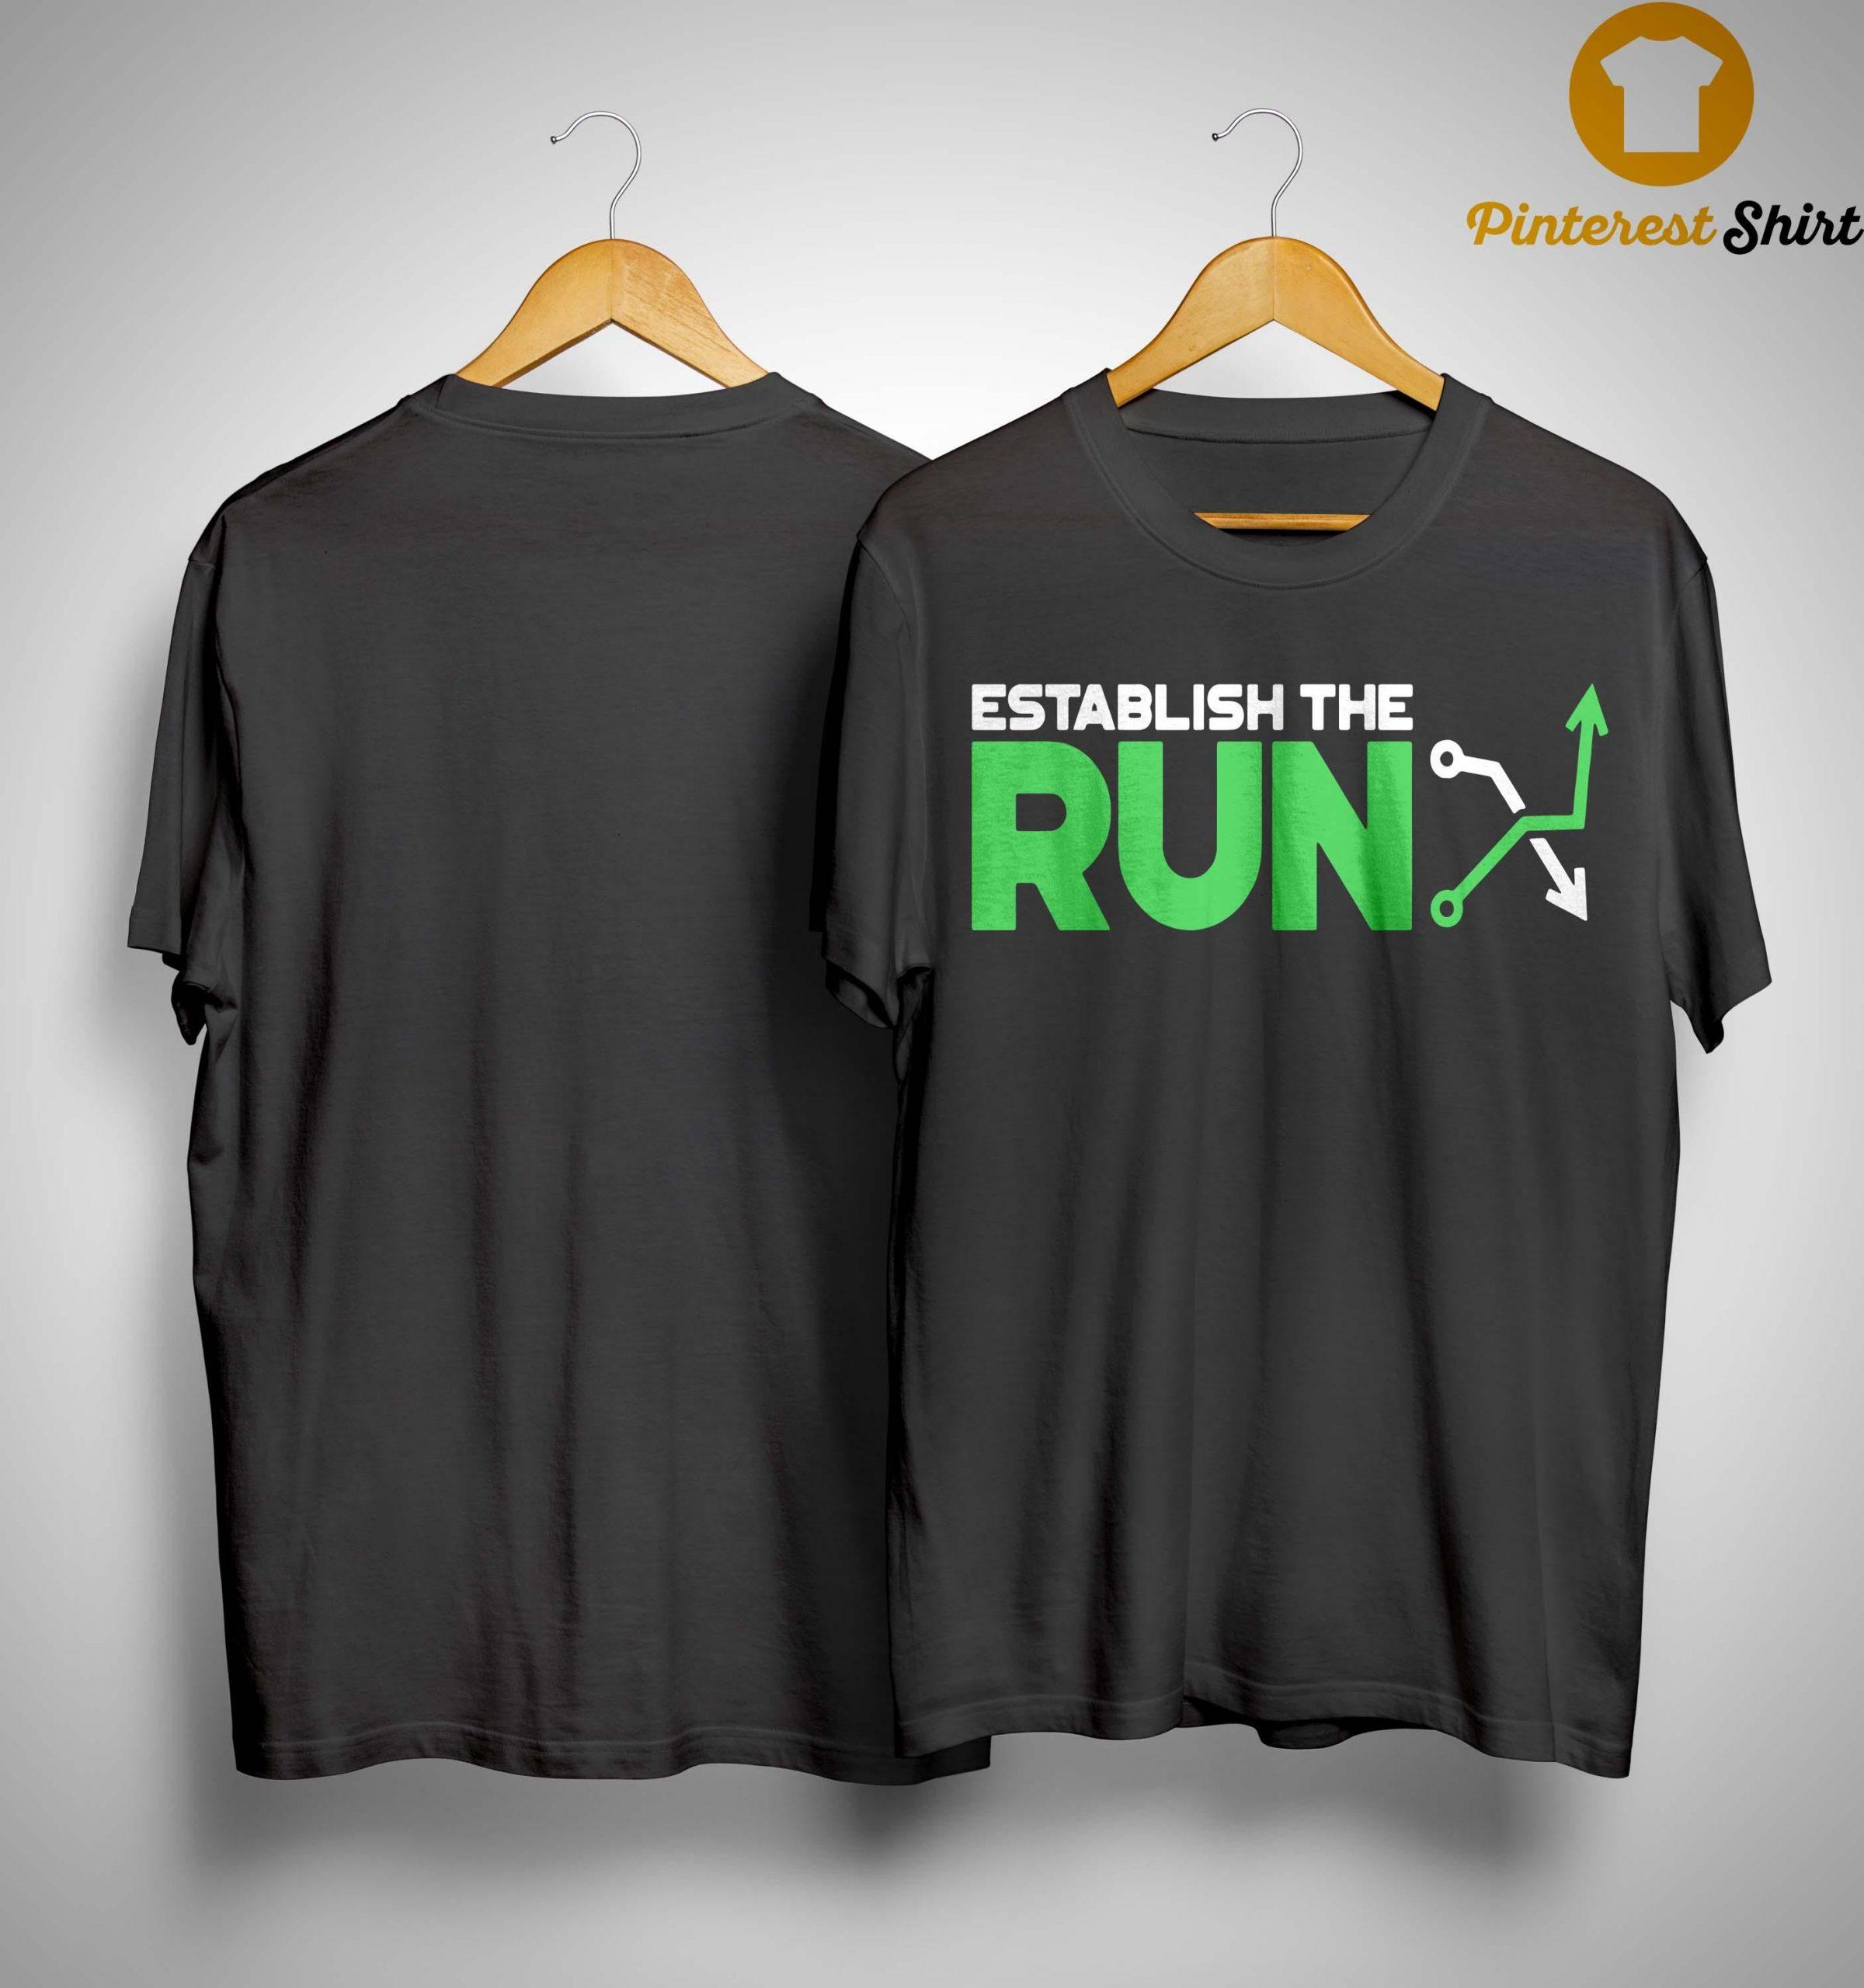 Establish The Run Shirt